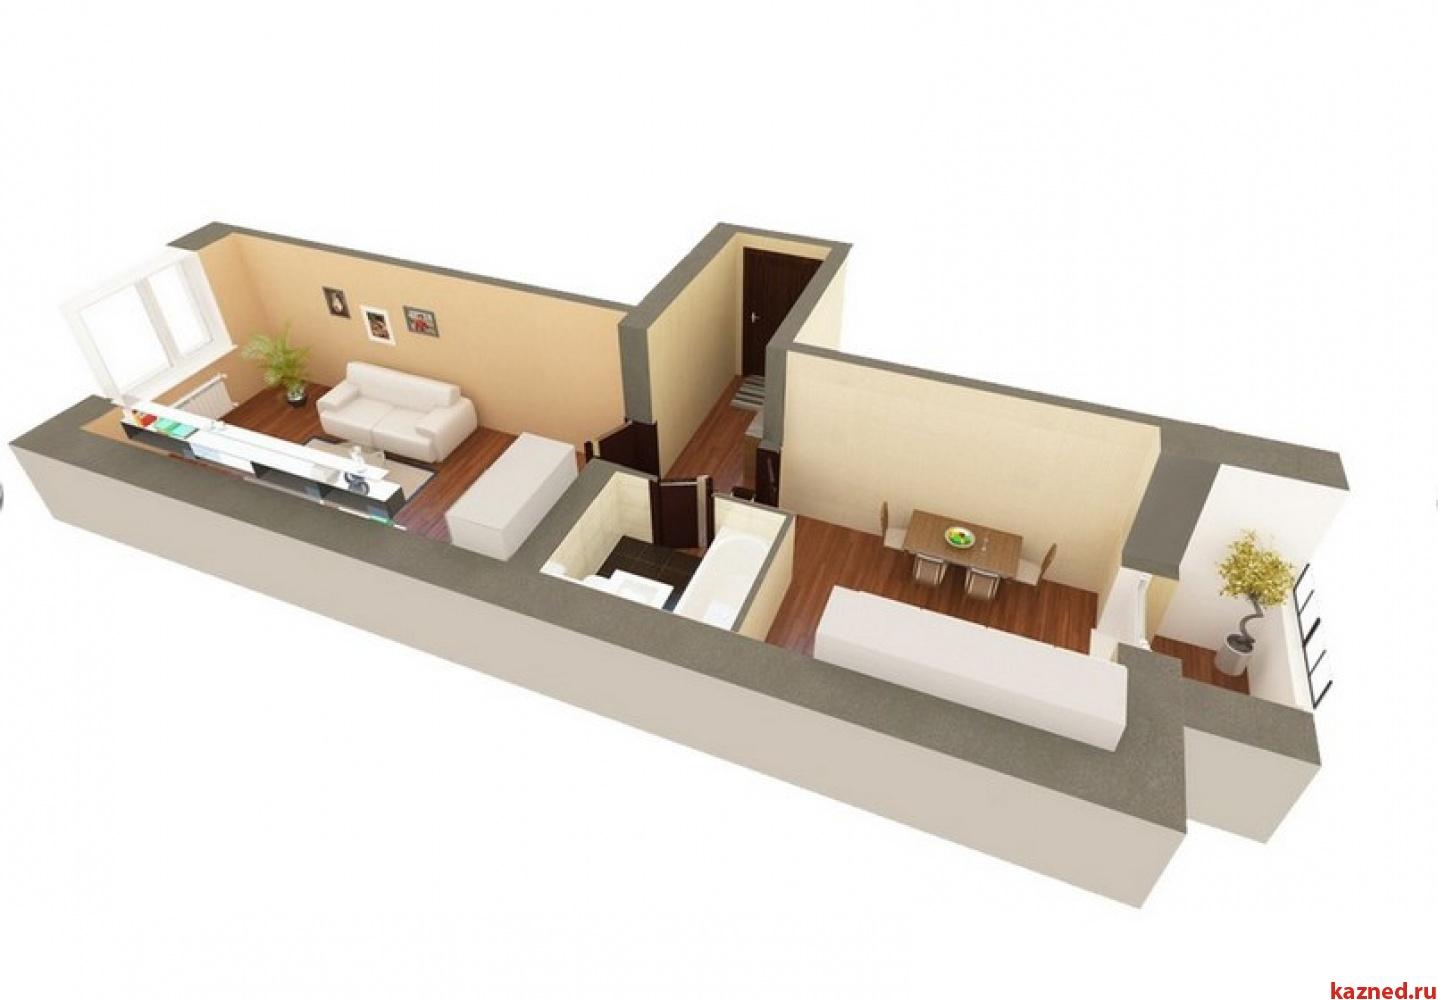 Продажа 1-к квартиры ЖК Царево, 7, 37 м2  (миниатюра №1)